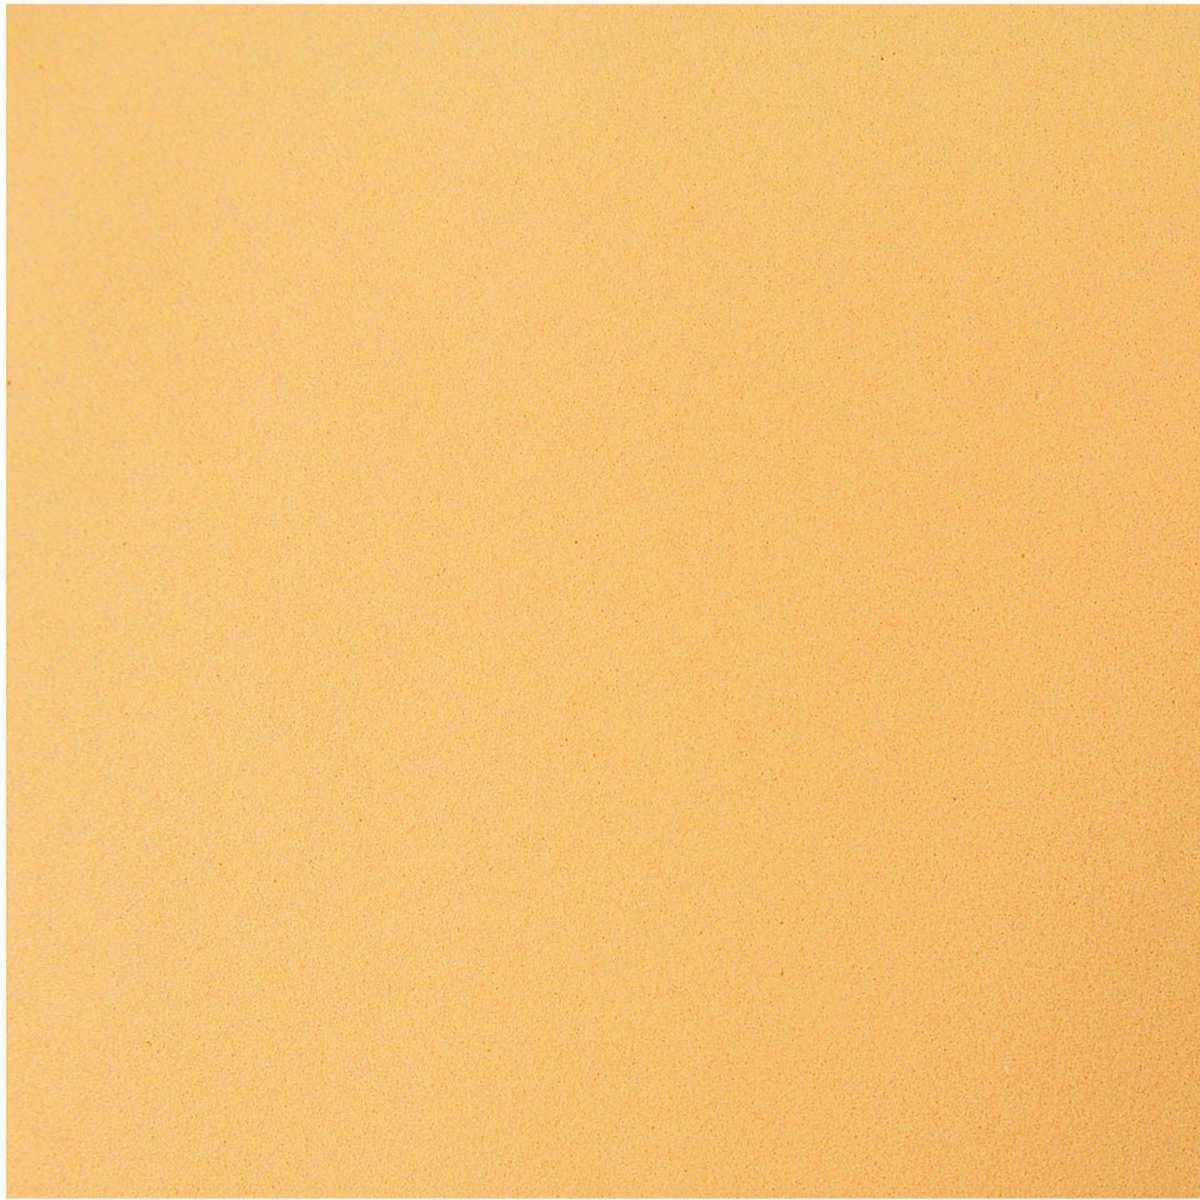 Placa em EVA | 60x40cm Bege 1,6mm Pct.c/10 - Make+